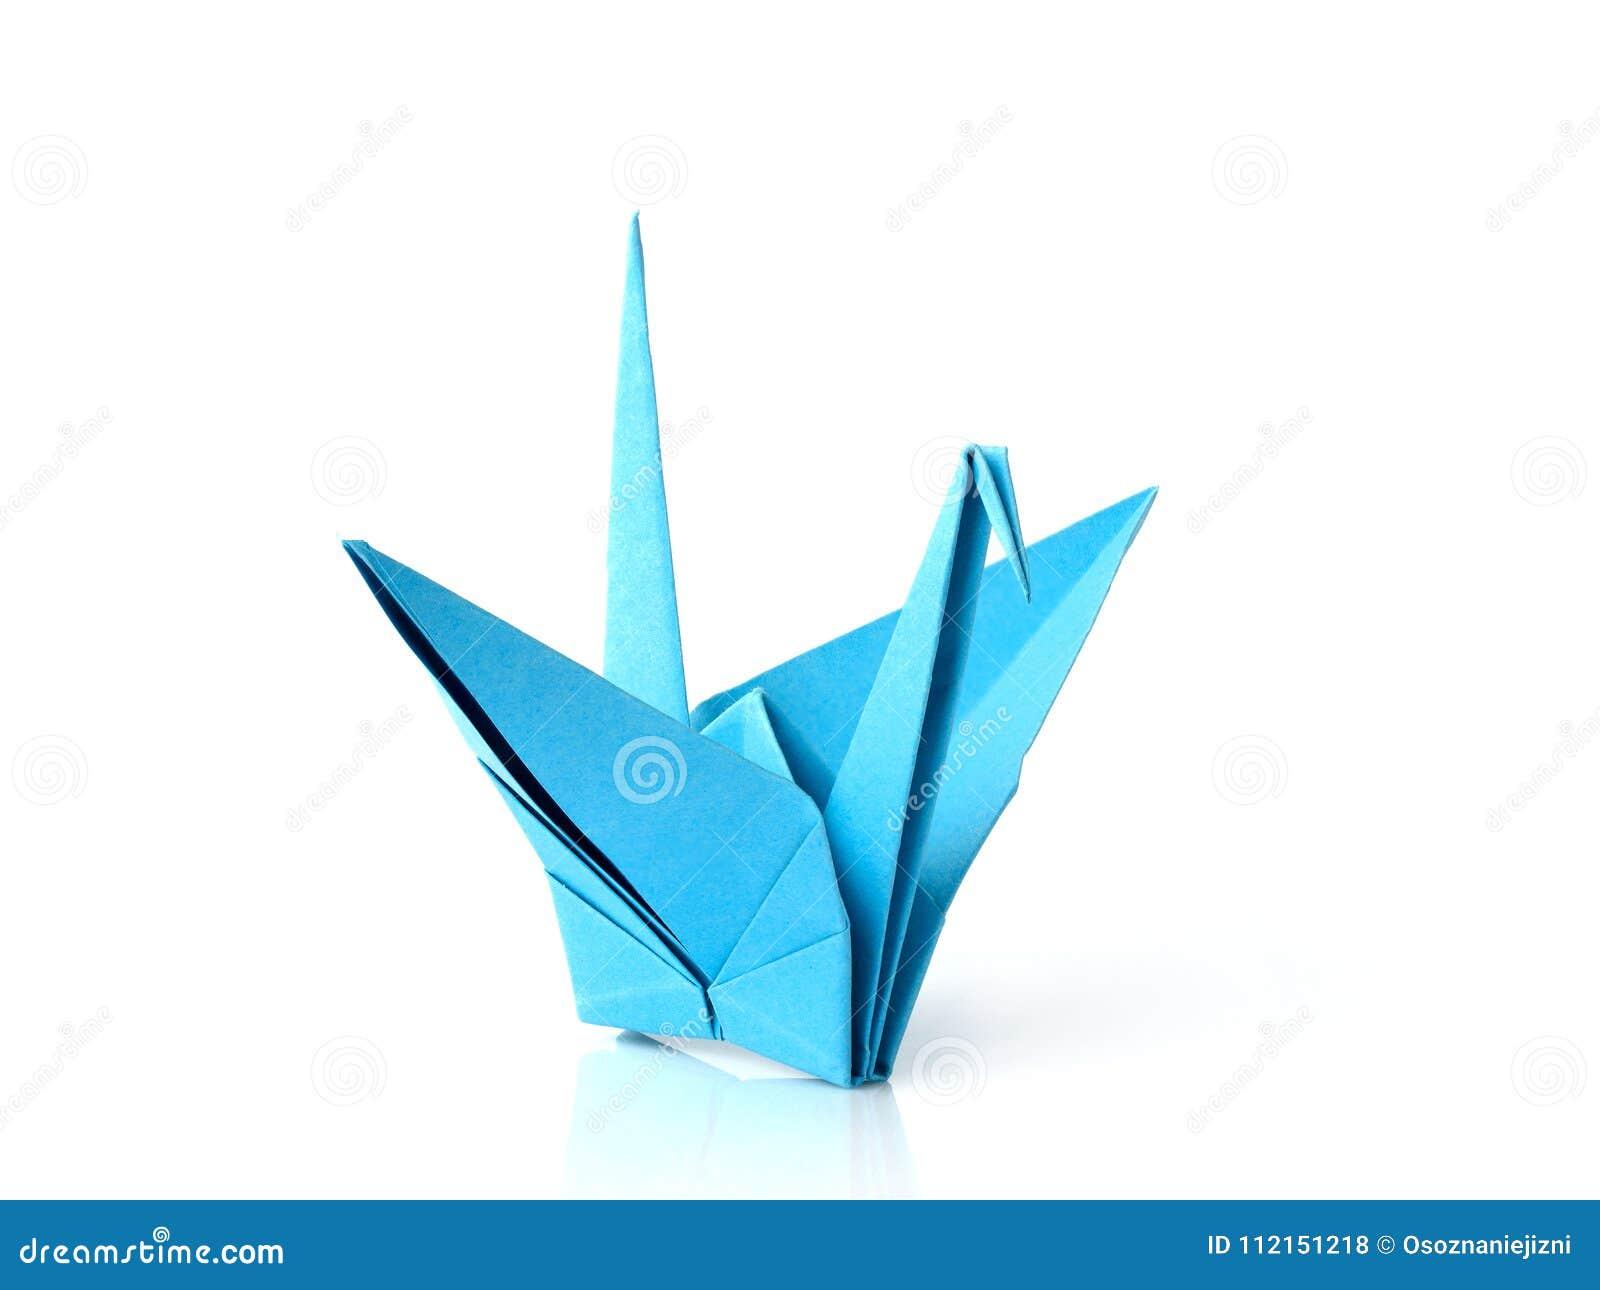 Orange Origami Crane Stock Vektor Art und mehr Bilder von Abstrakt ...   1065x1300